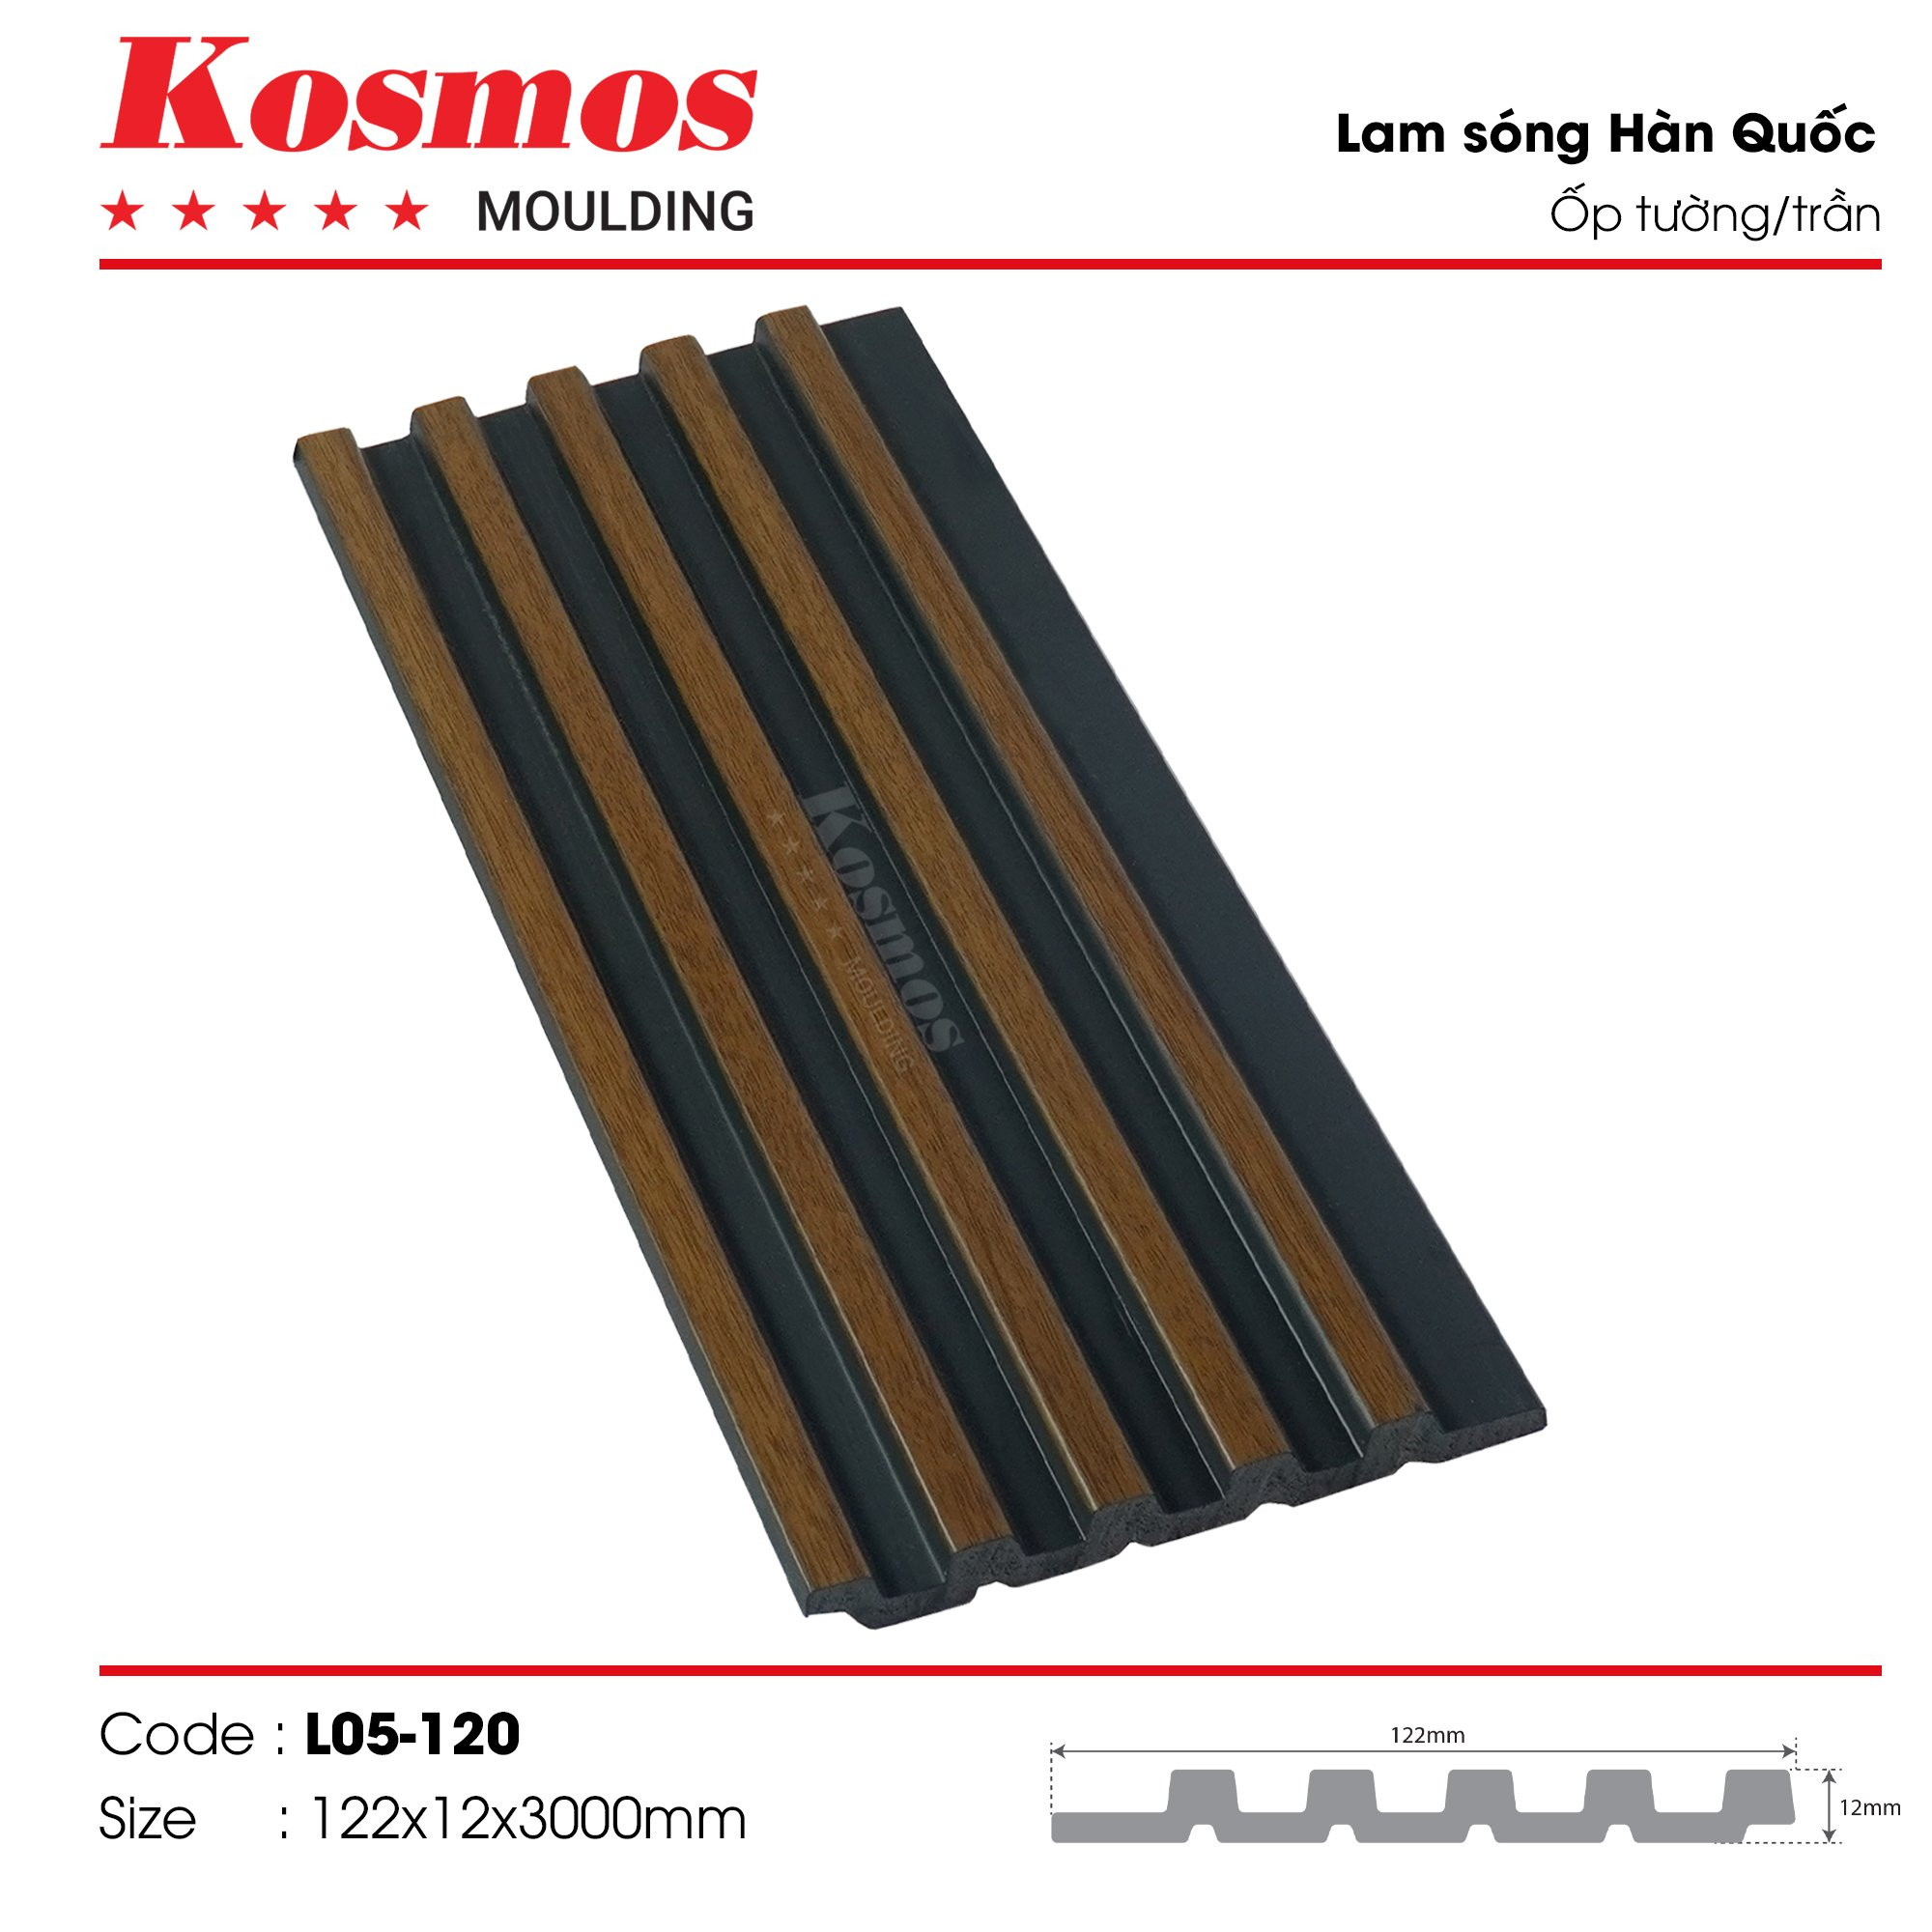 LAM SÓNG KOSMOS MOULDING LO5-120